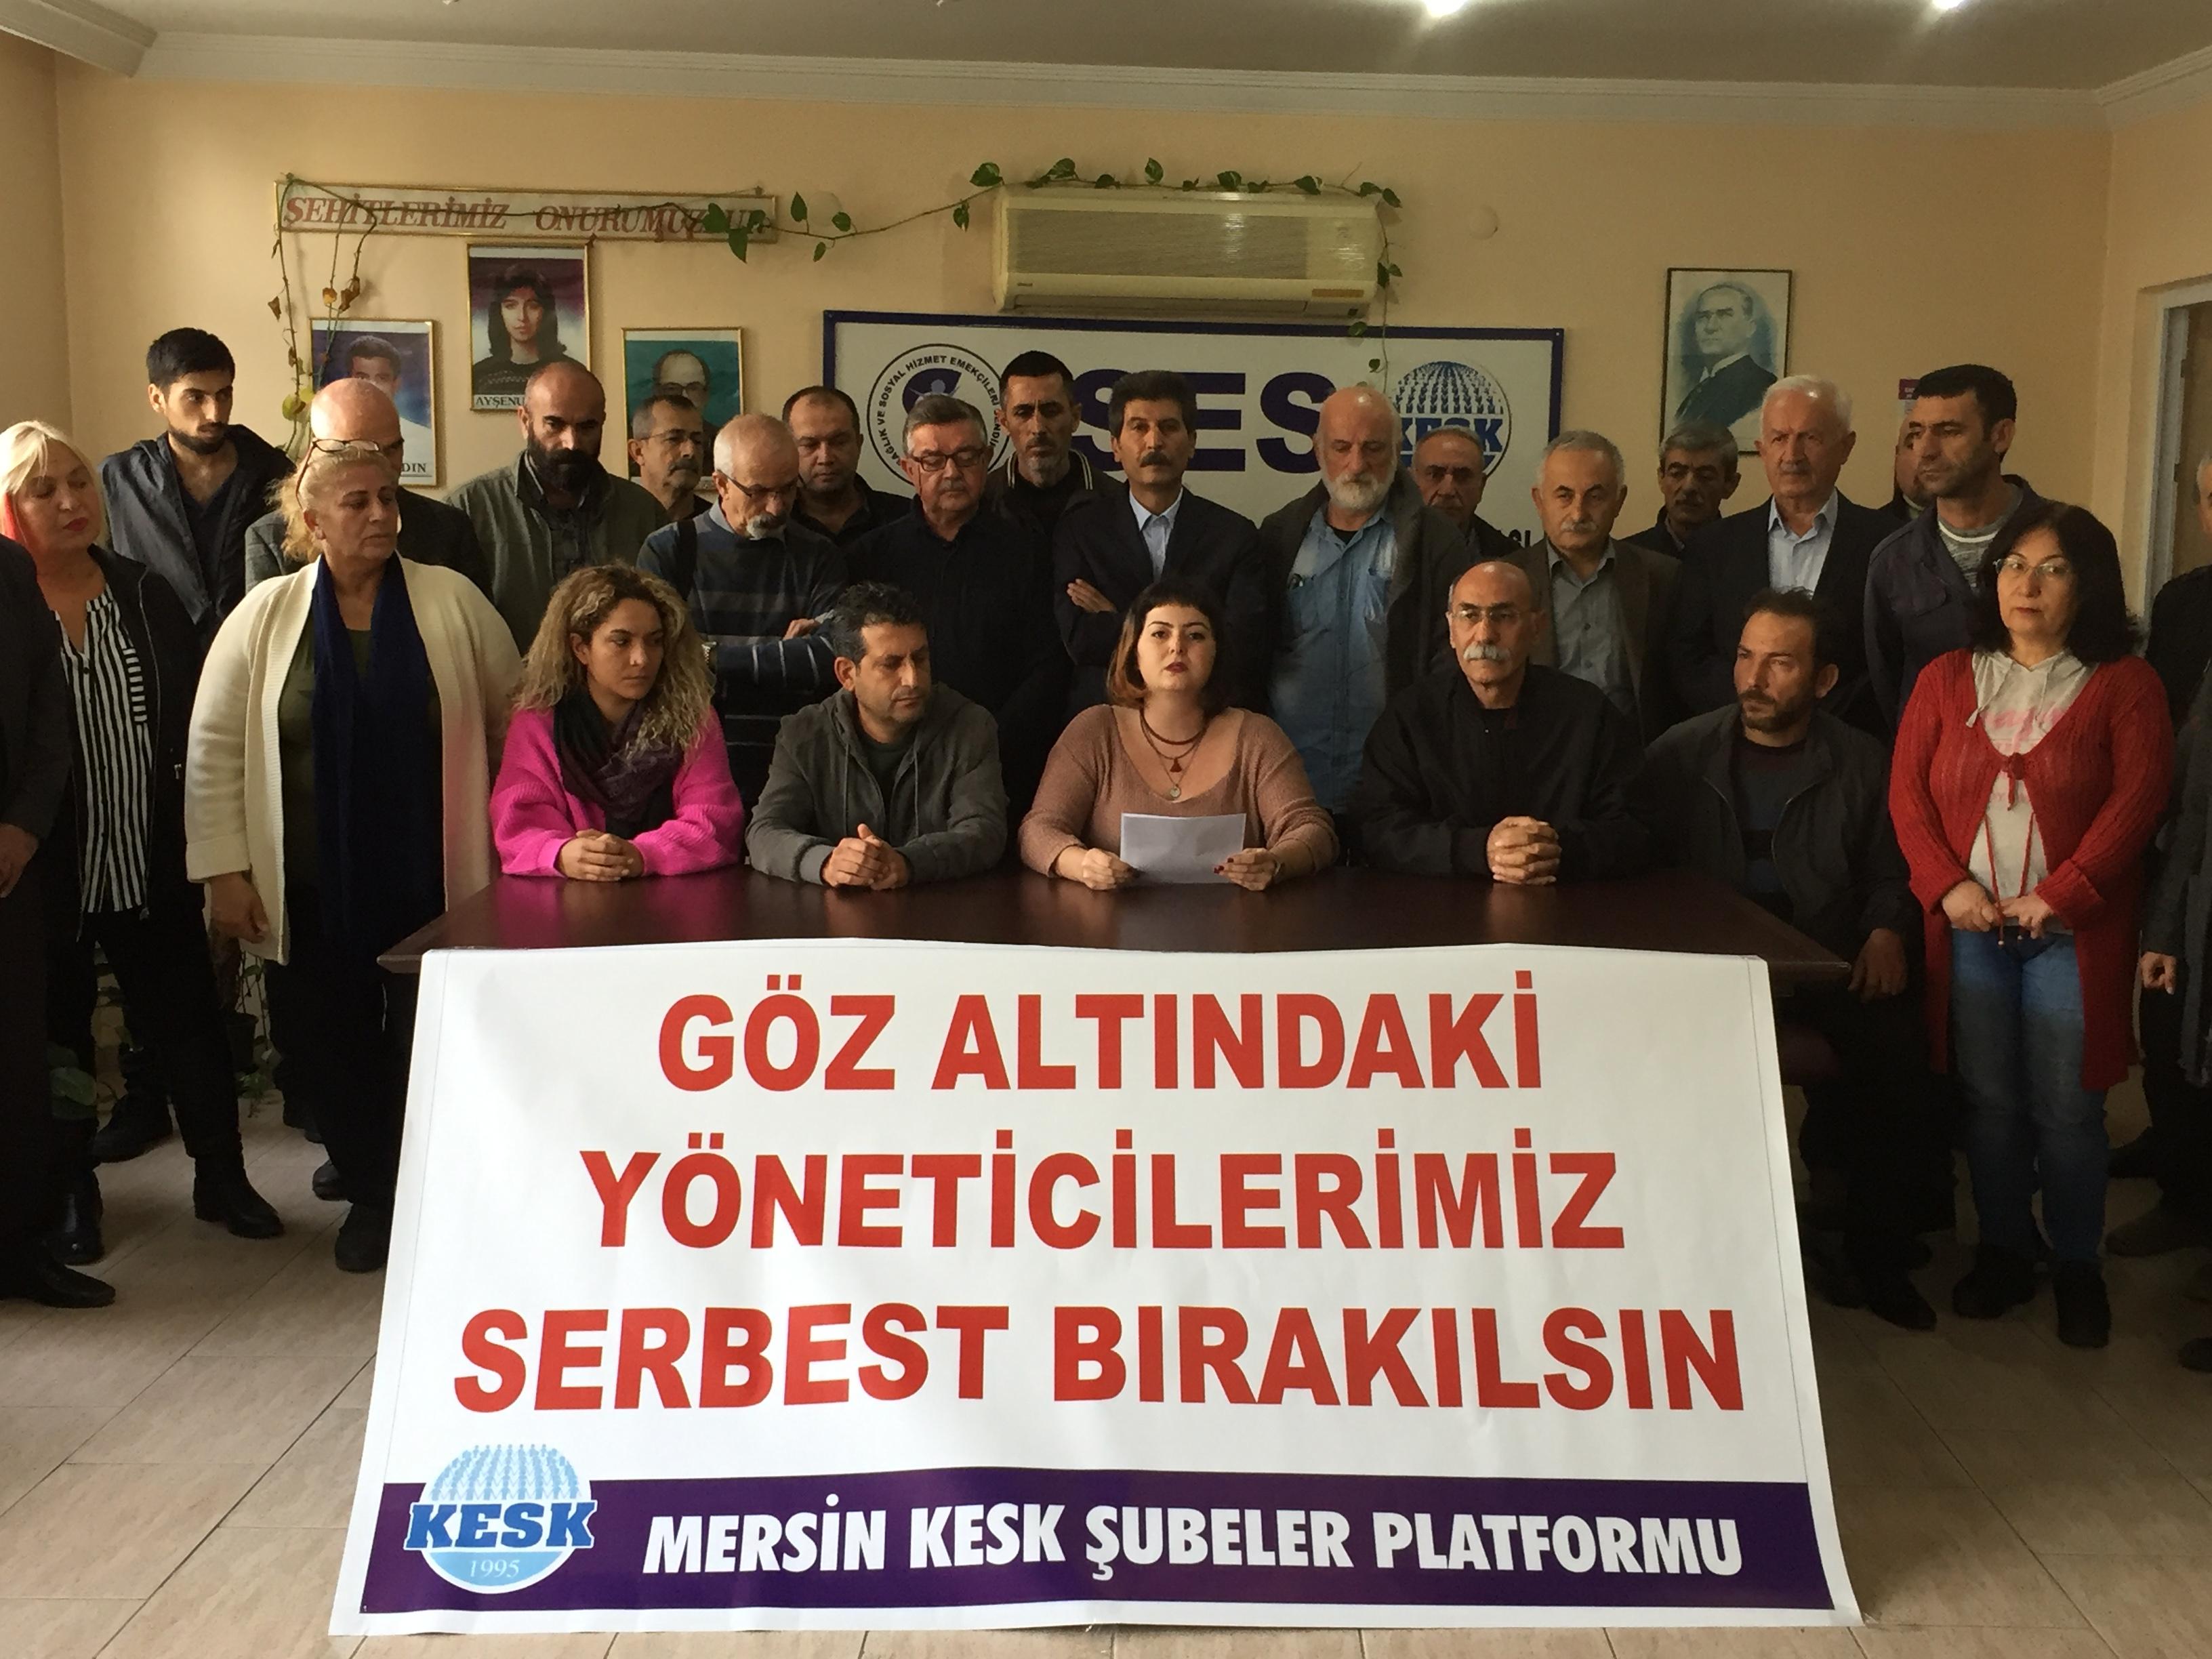 Mersin KESK Şubeler Platformu: Arkadaşlarımız derhal serbest bırakılmalı, hukuk tanımaz saldırılara son verilmelidir!